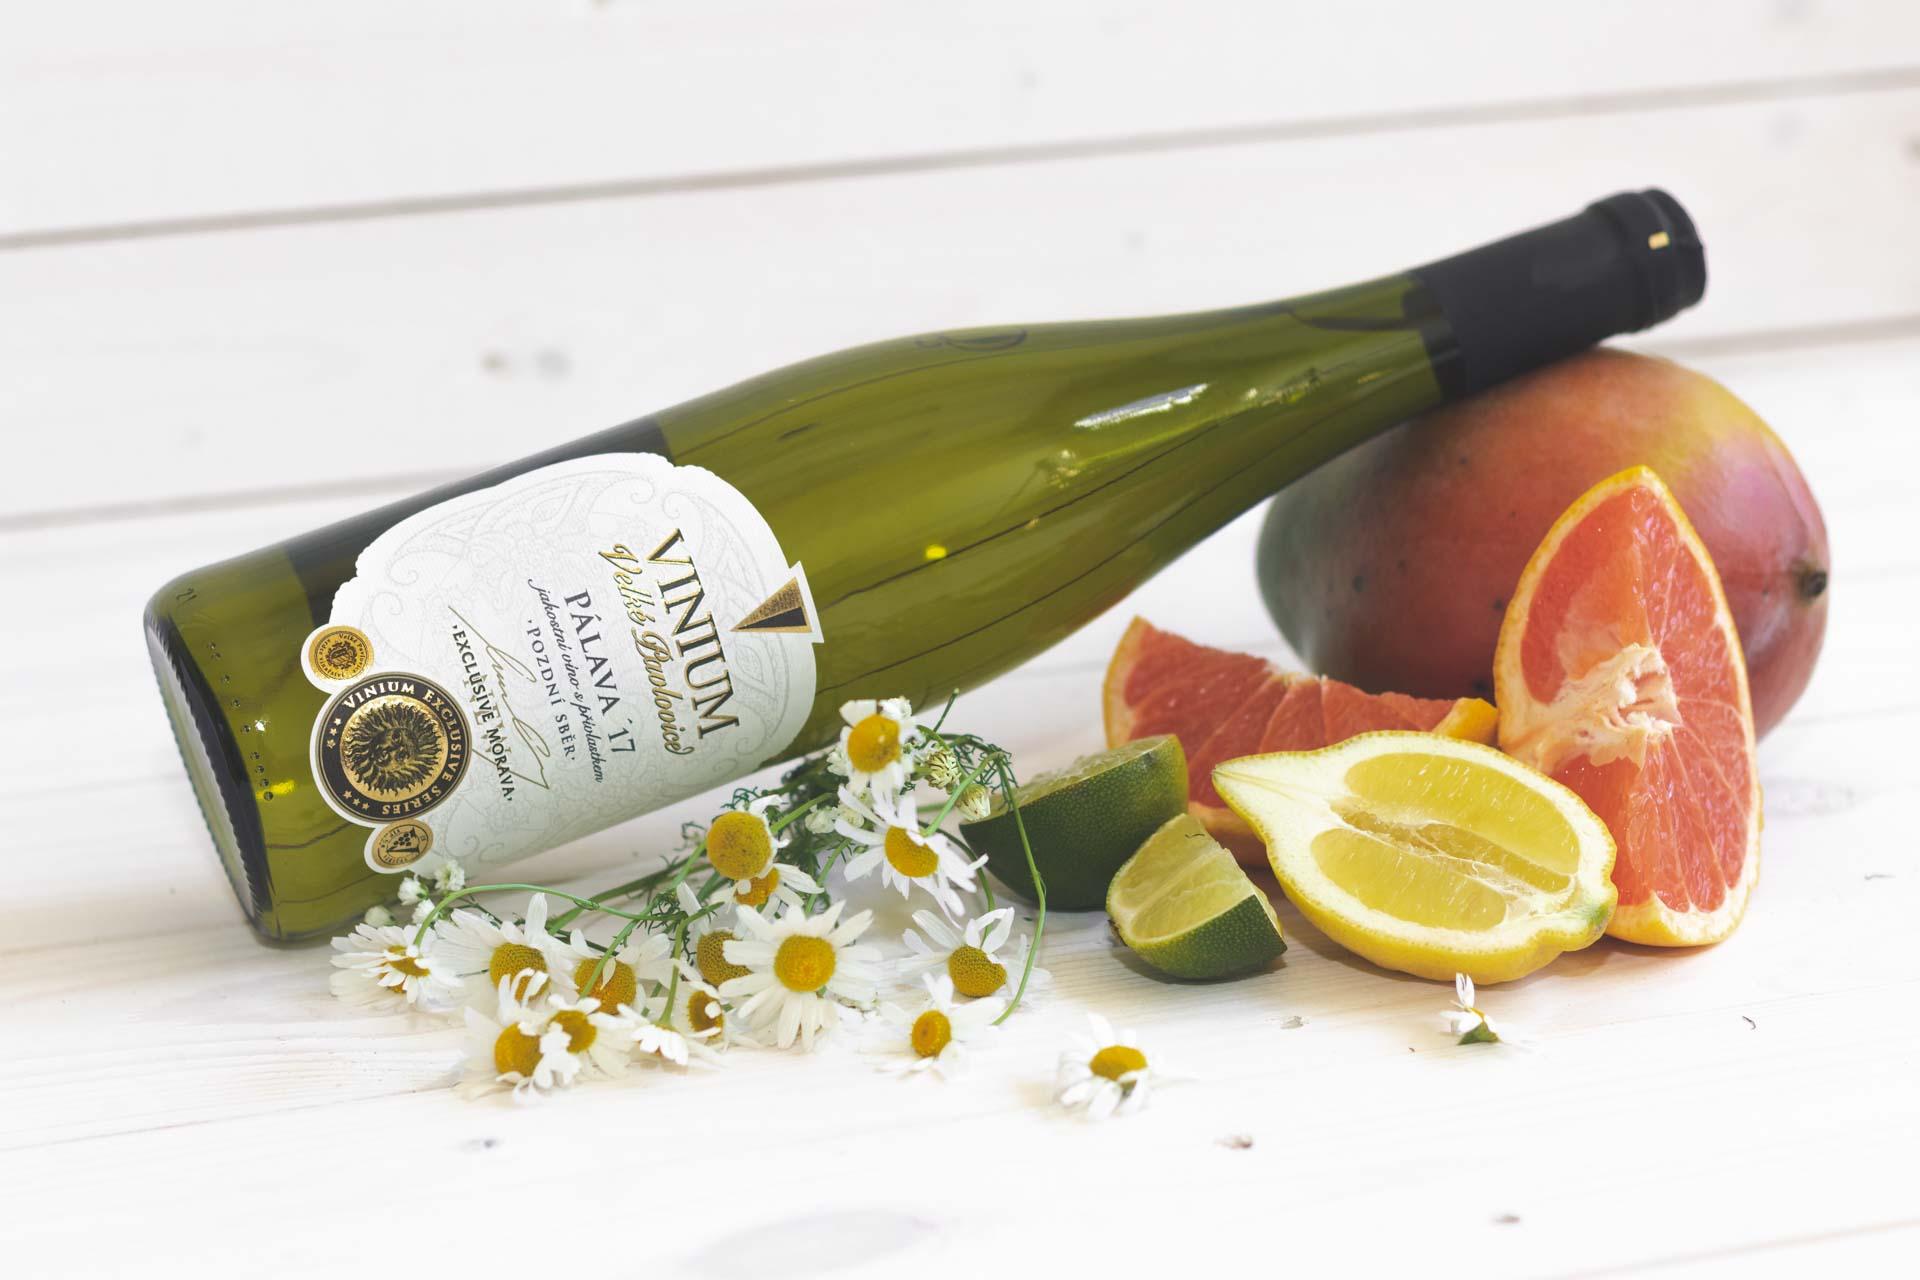 Pálava, bílé víno, přívlastkové víno, VINIUM